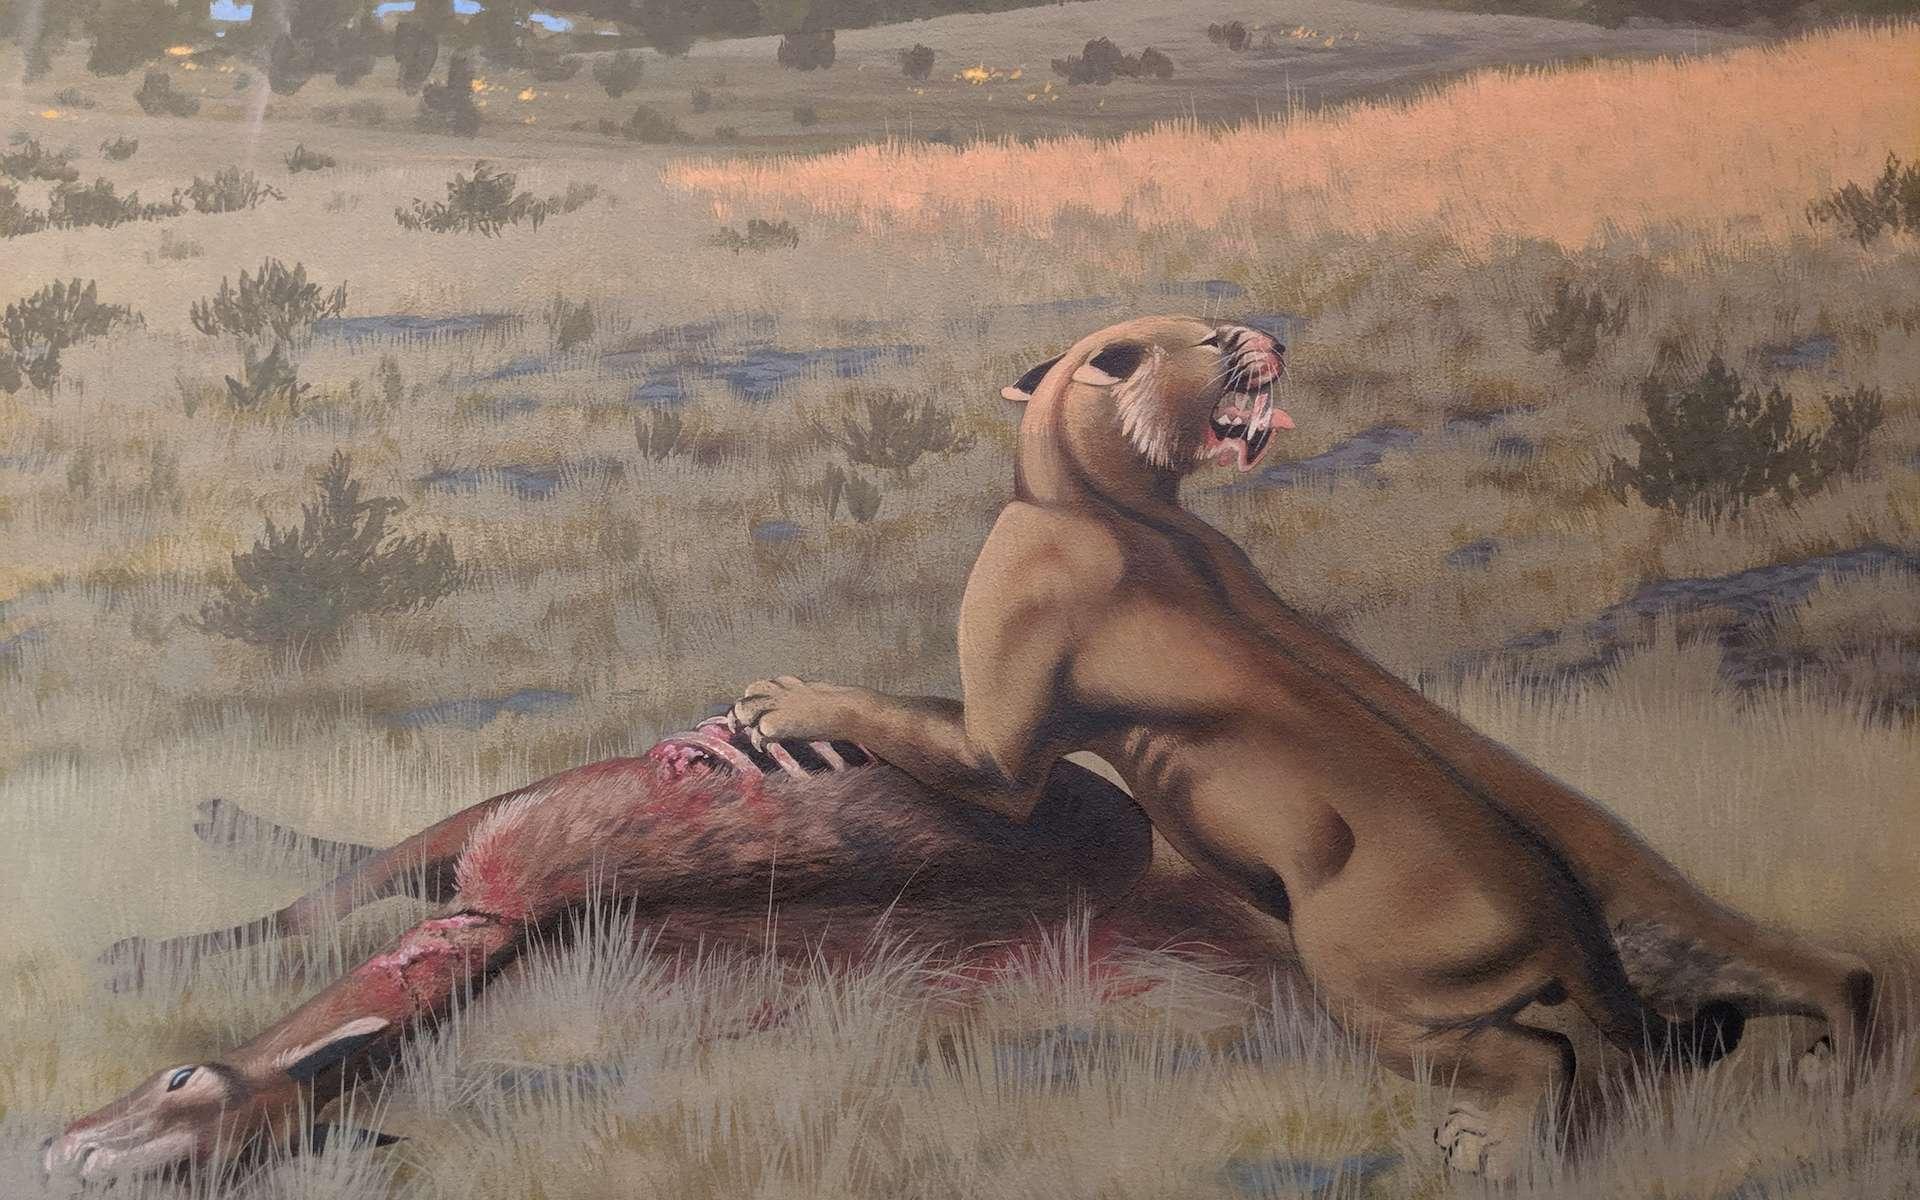 Représentation artistique d'un Machairodus lahayishupup mangeant un Hemiauchenia, un parent du chameau. L'image fait partie d'une peinture murale de la formation Rattlesnake dans le centre de l'Oregon, où des fossiles de l'espèce nouvellement identifiée ont été trouvés. La fresque est exposée au John Day Fossil Beds National Monument. © Roger Witter